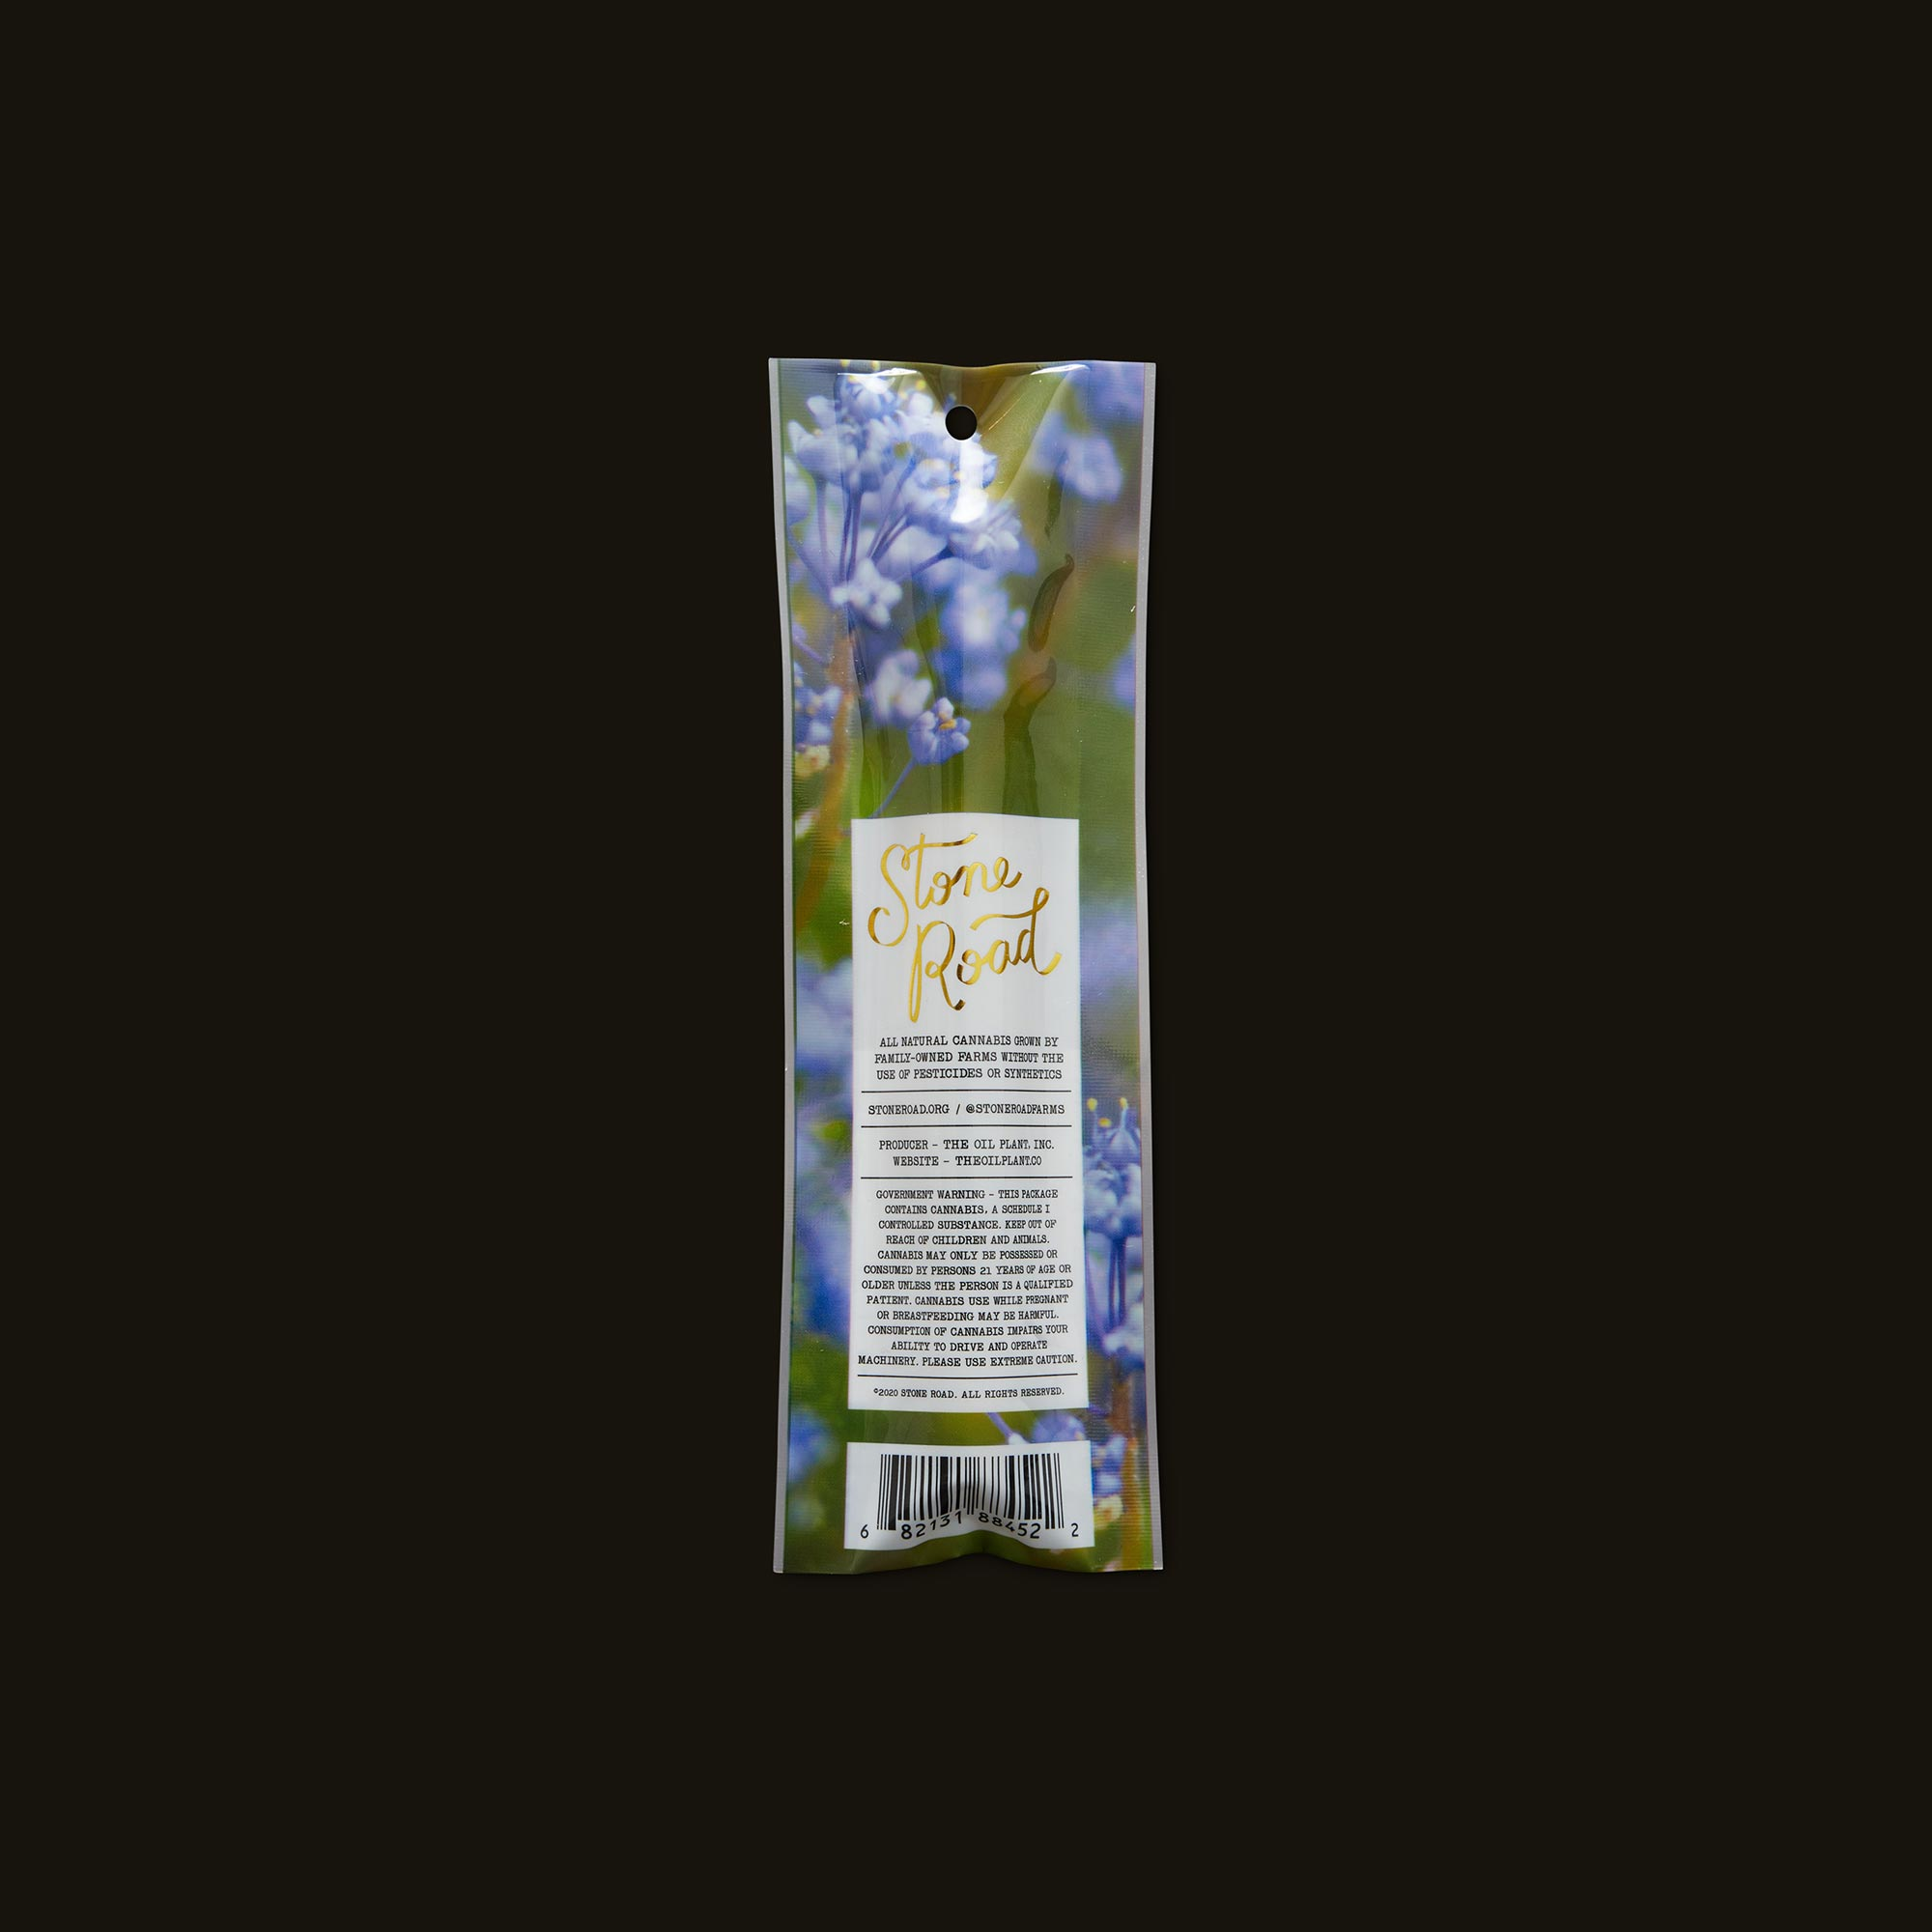 Stone Road Pre-Rolls - Blueberry Haze Pre-Roll